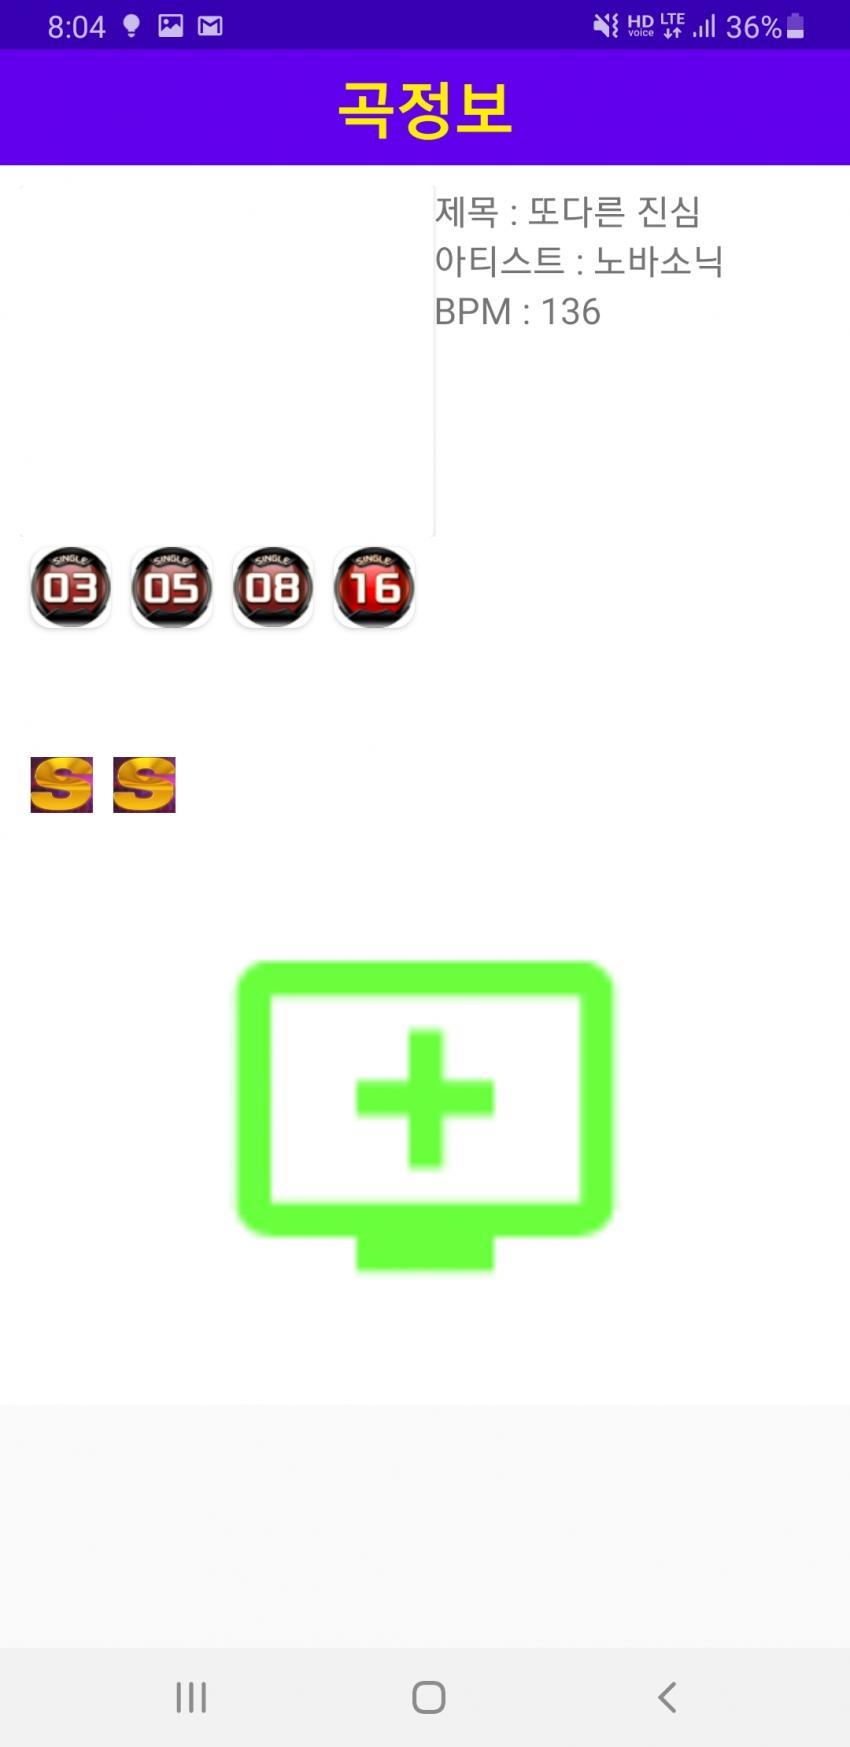 viewimage.php?id=3da8dd36ecc62db6&no=24b0d769e1d32ca73ded8ffa11d028313550f9fb3f9dac8b24082381cb5d5a462b889ad74605ebf86a2b36c67420c85b975ec410c83fa10ee81f50a564598053ed98